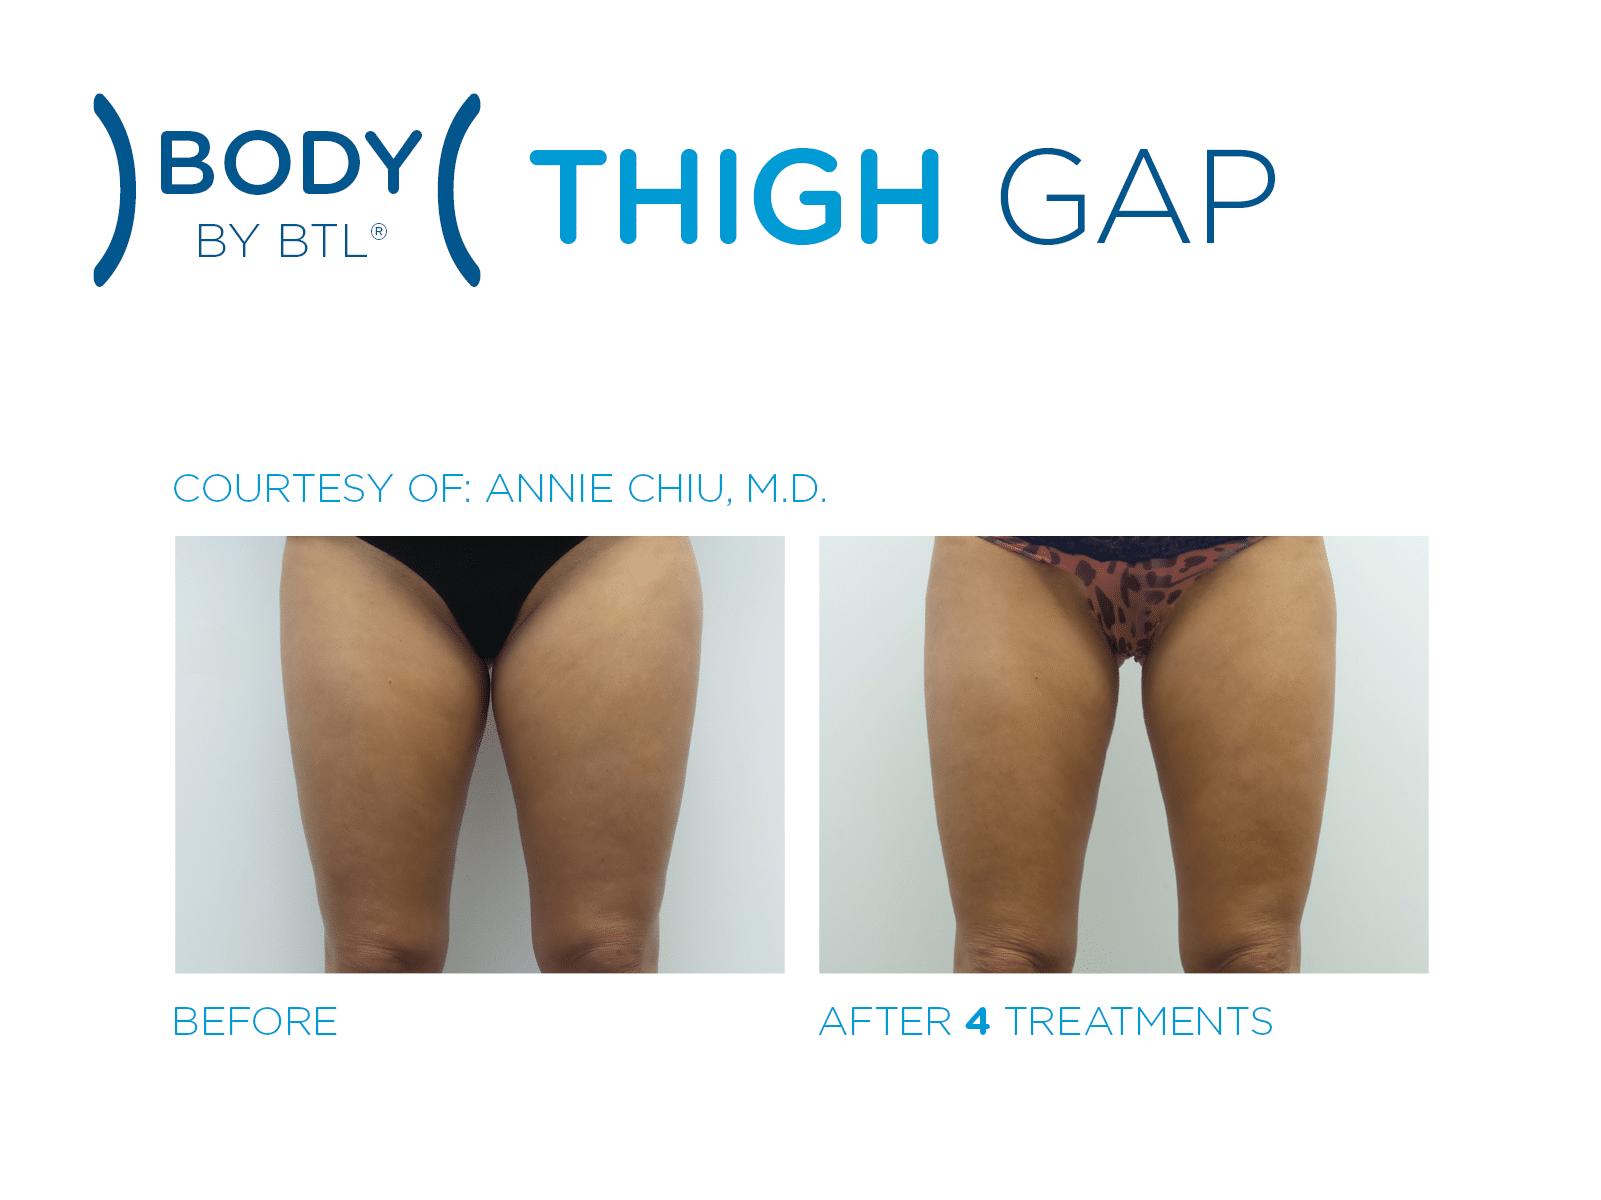 btl body thigh gap